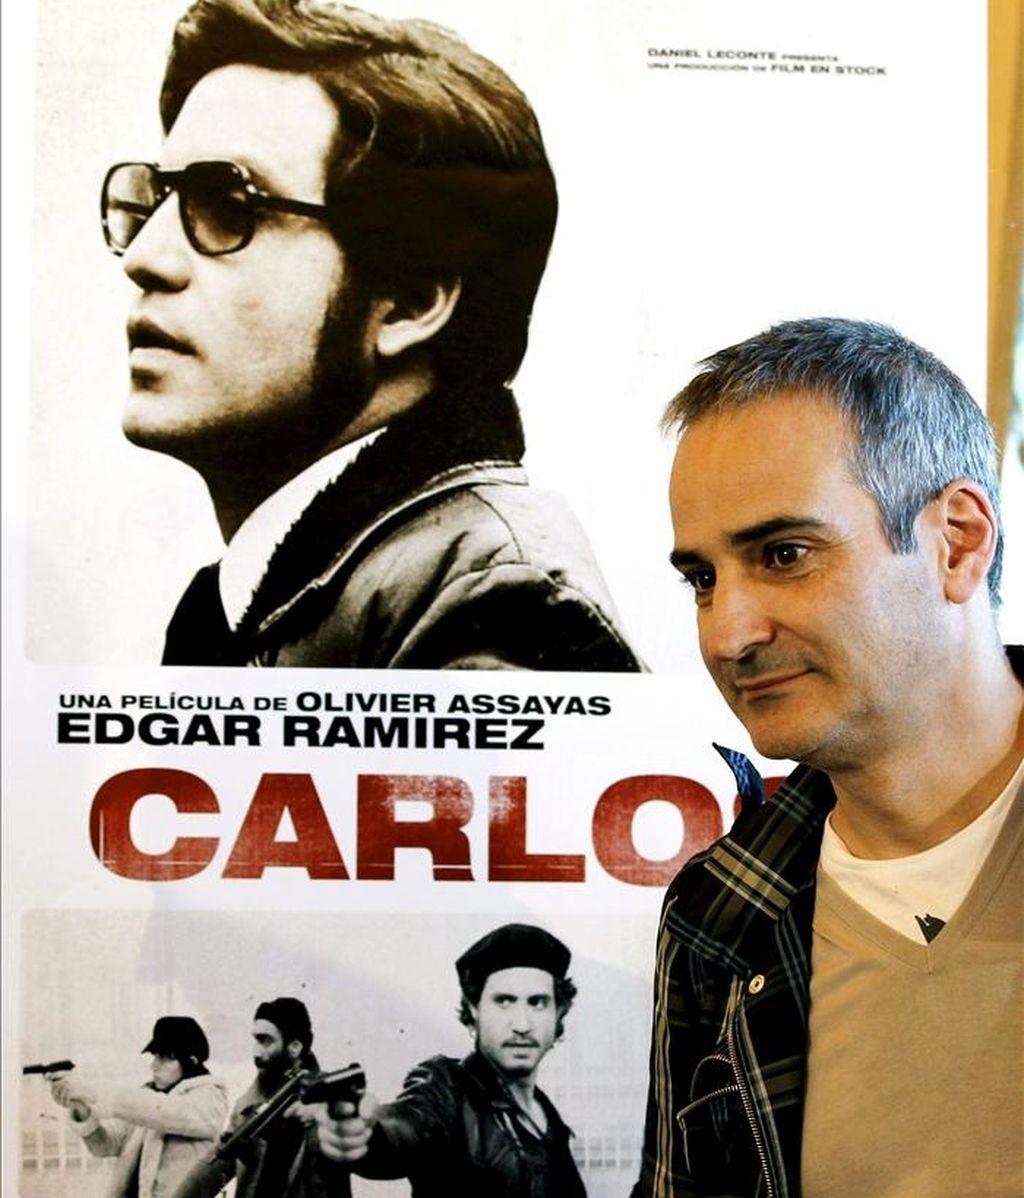 """El director francés de la película """"Carlos"""", Oliver Assayas, momentos antes de iniciarse la rueda de prensa durante la primera jornada de la 32ª edición de La Mostra de cine en Valencia. EFE"""